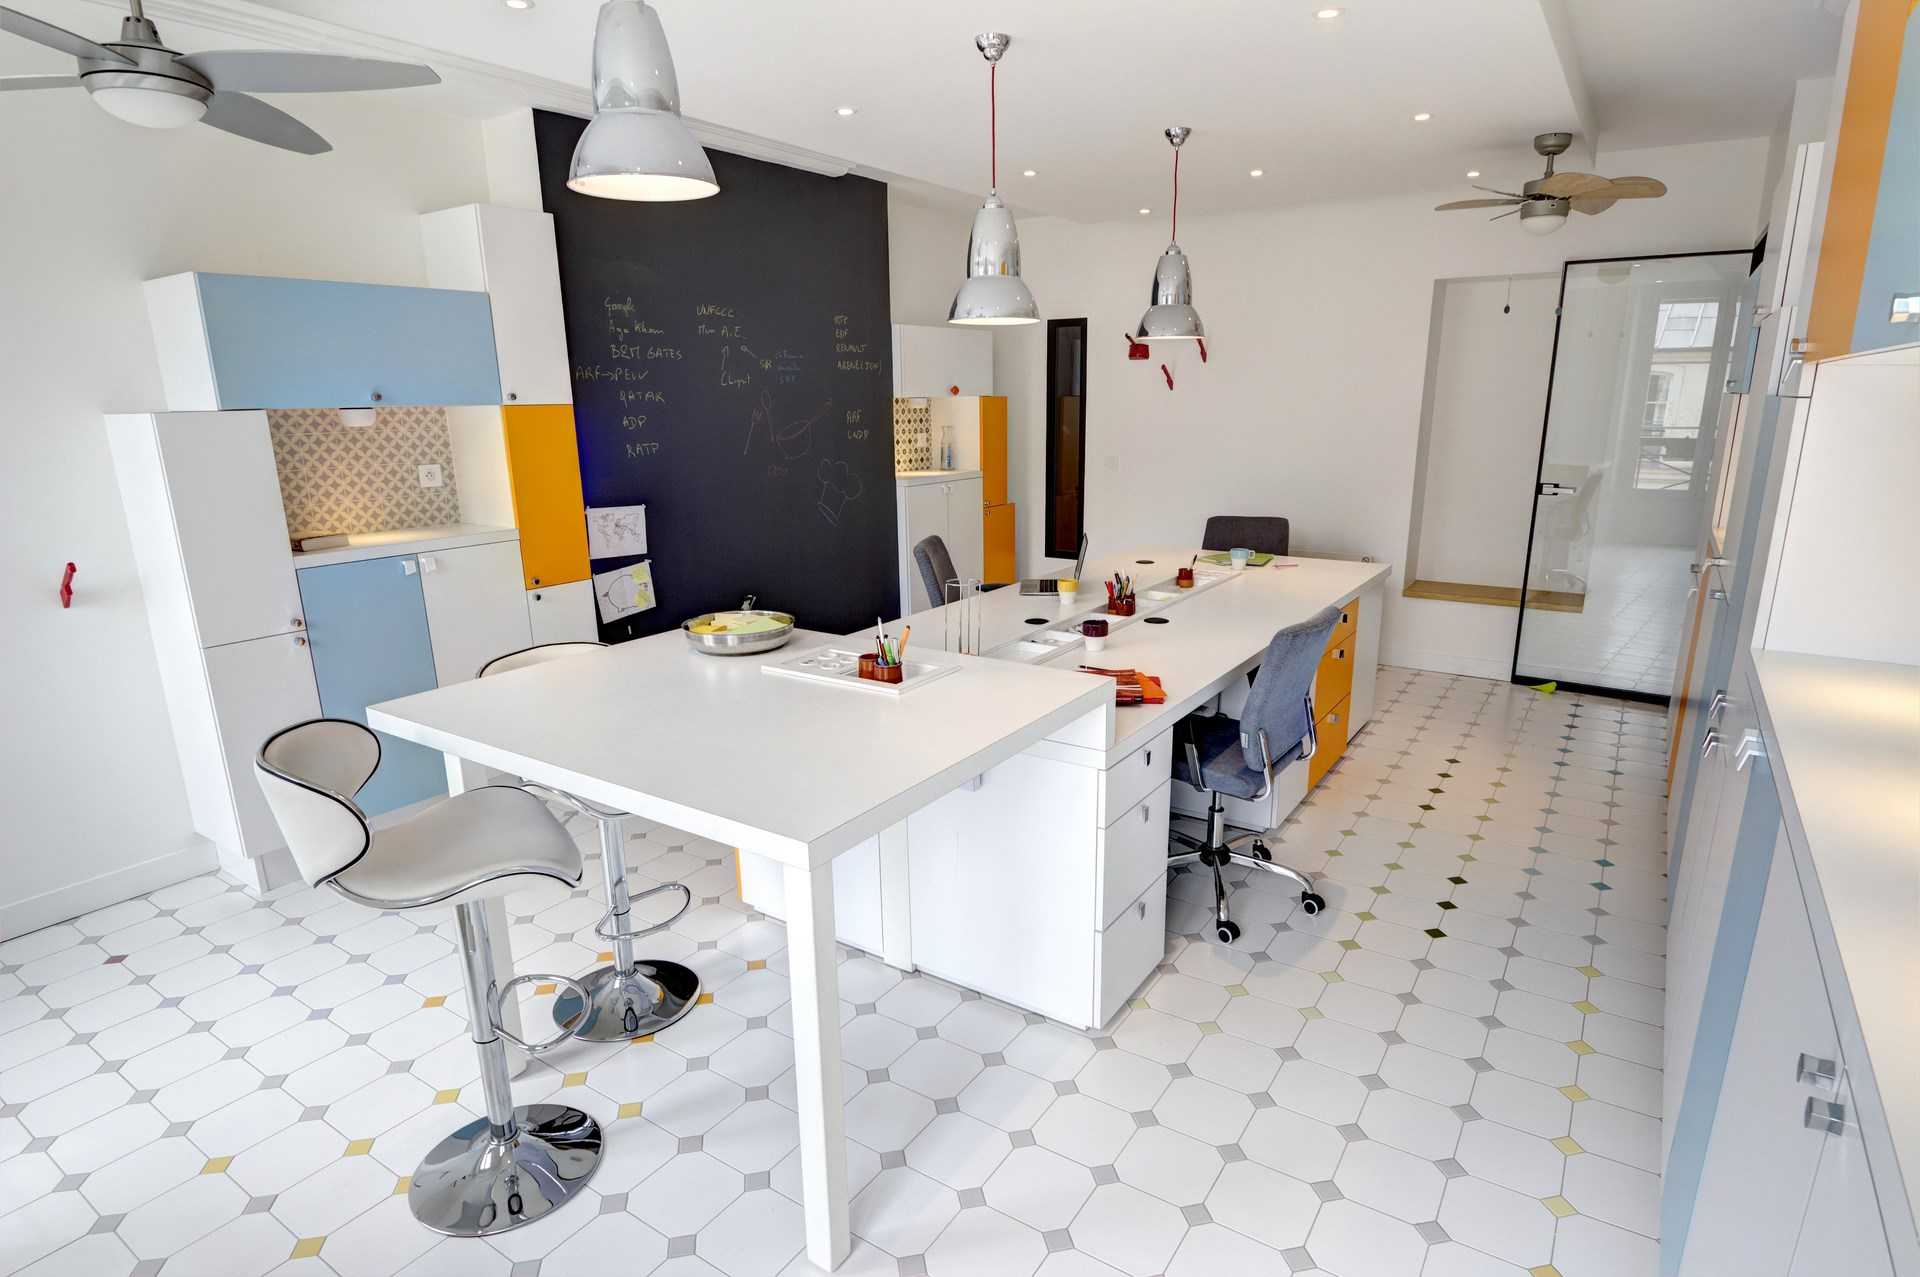 Bureaux atypiques pour missions publiques sentier paris for Deco cuisine atypique